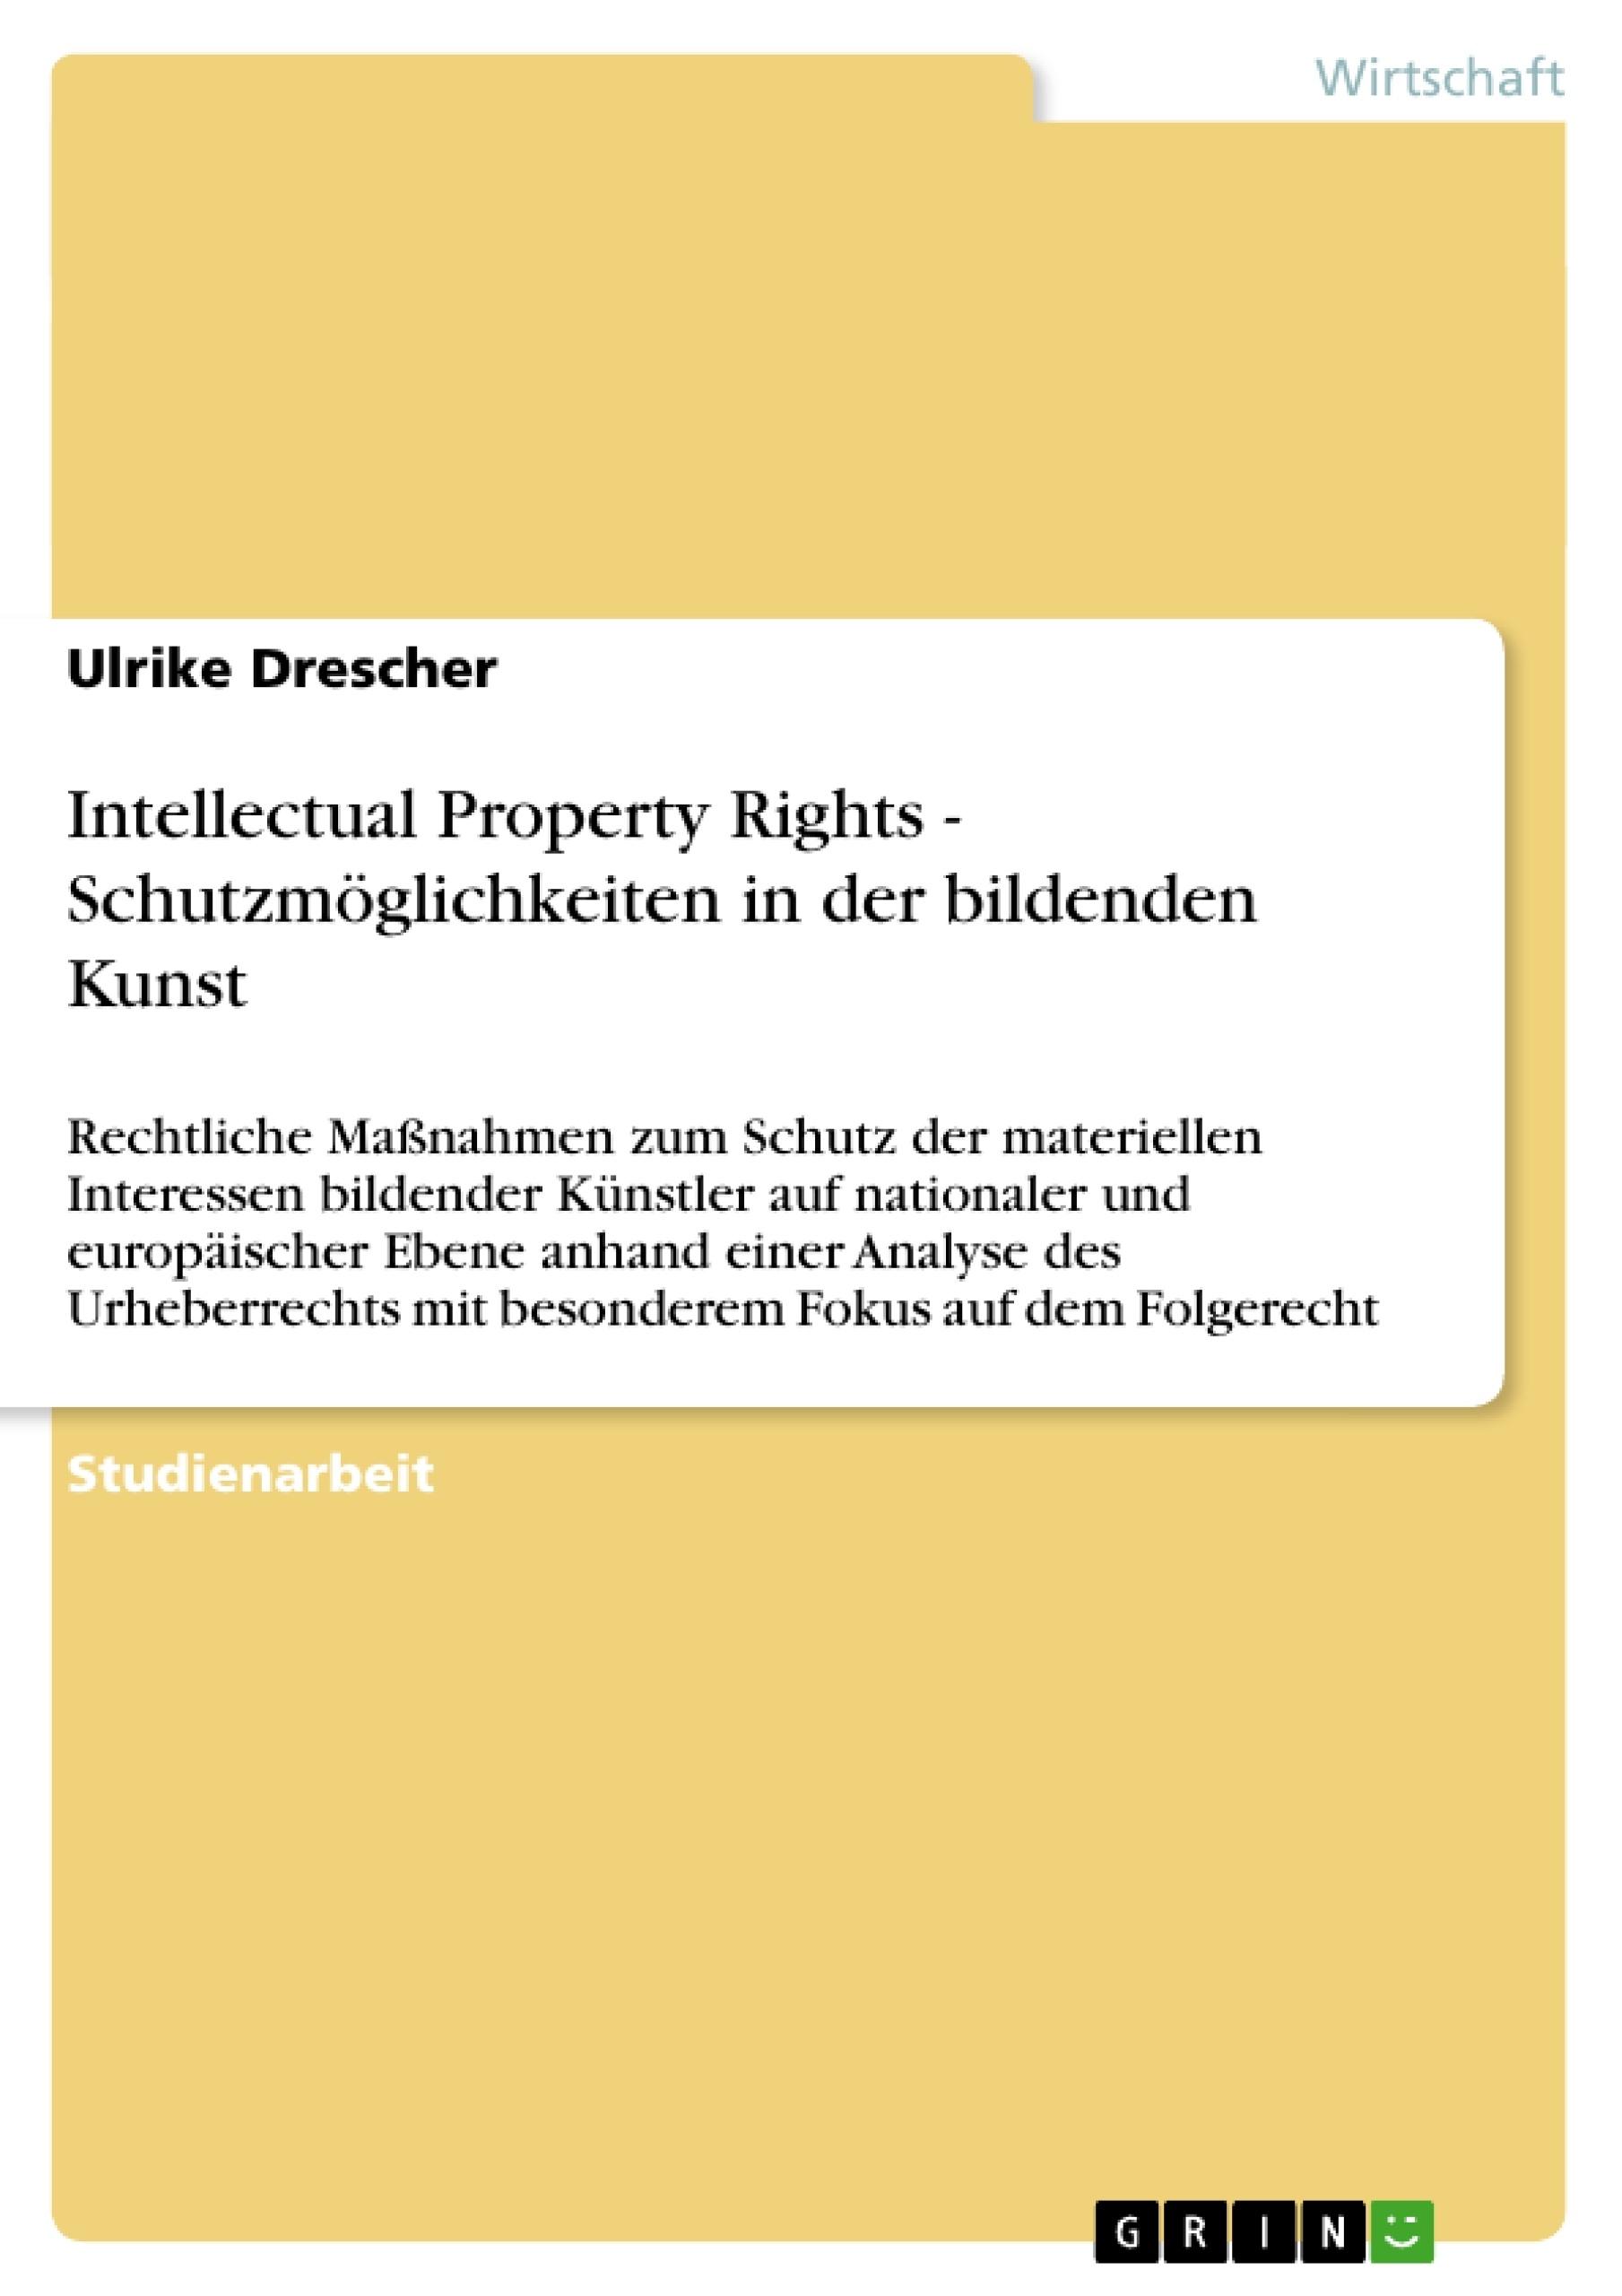 Titel: Intellectual Property Rights - Schutzmöglichkeiten in der bildenden Kunst